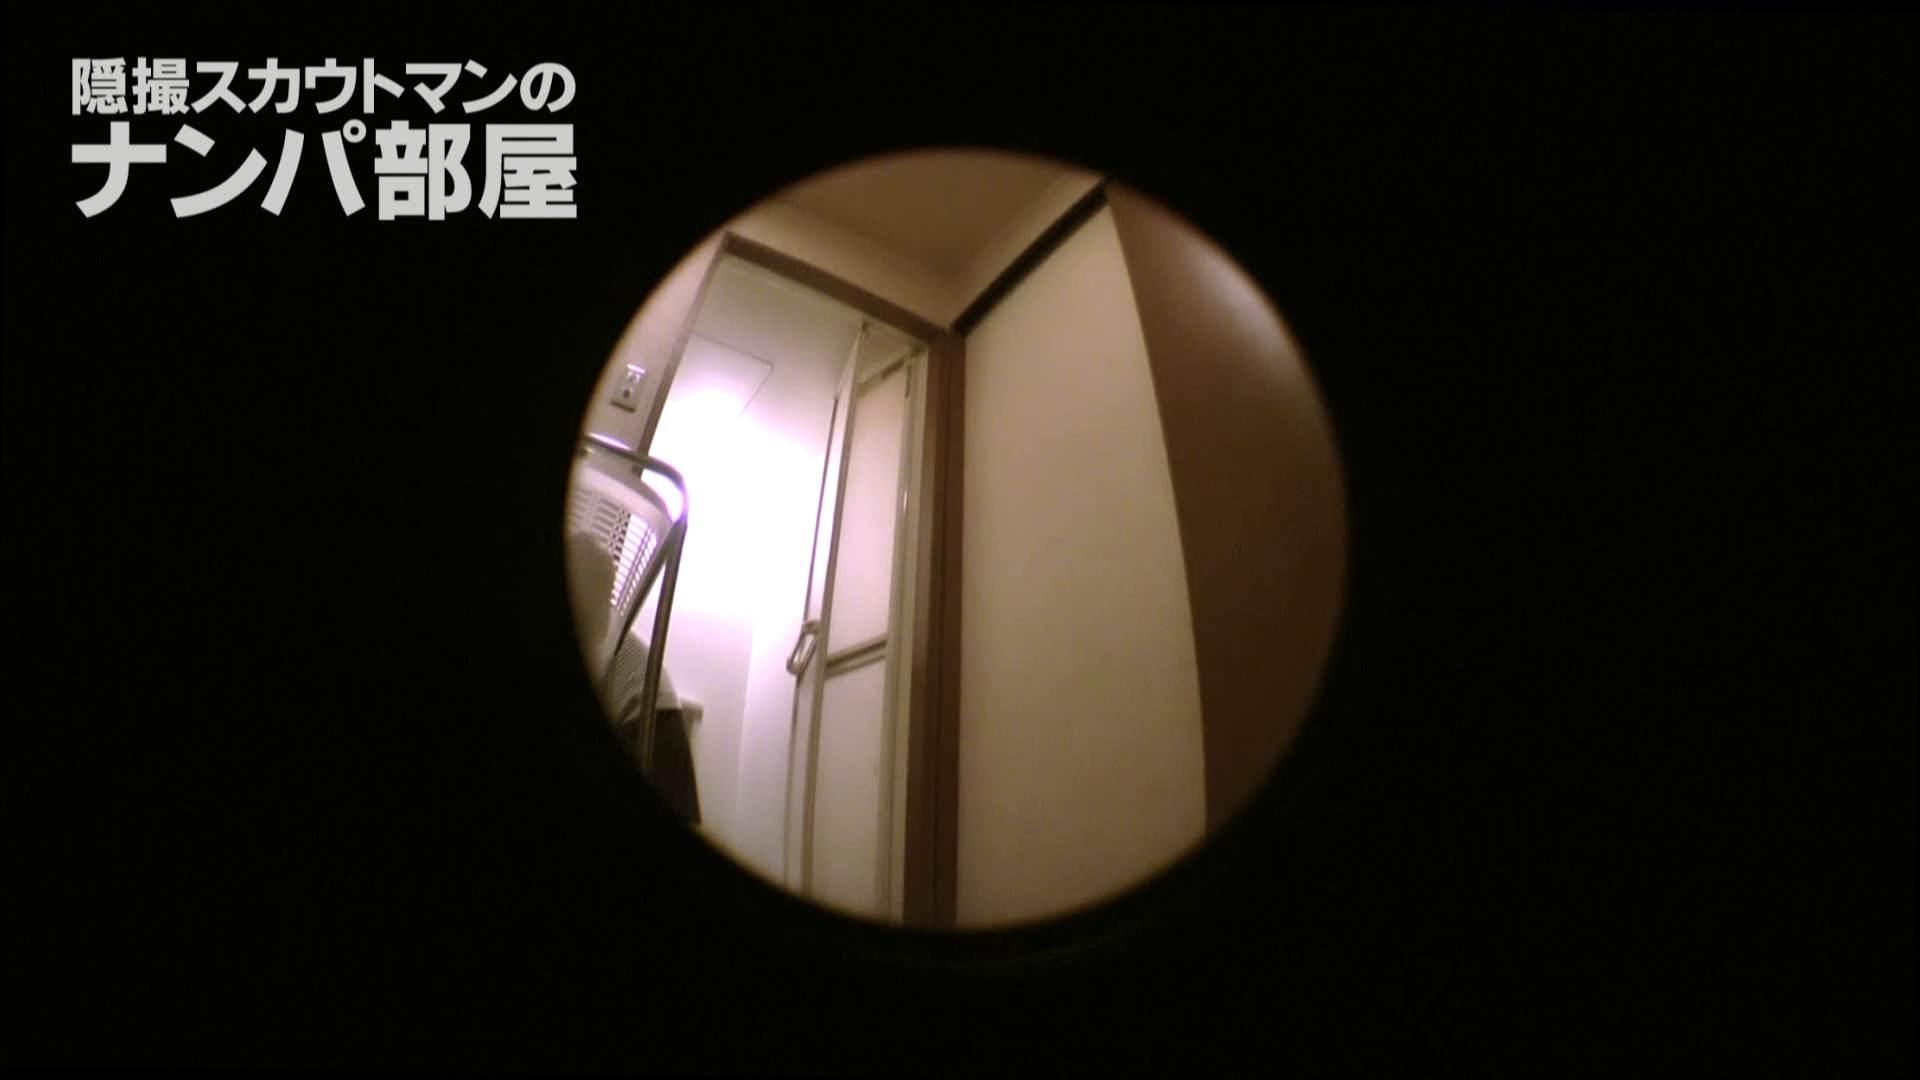 隠撮スカウトマンのナンパ部屋~風俗デビュー前のつまみ食い~ siivol.3 ナンパ  90連発 24